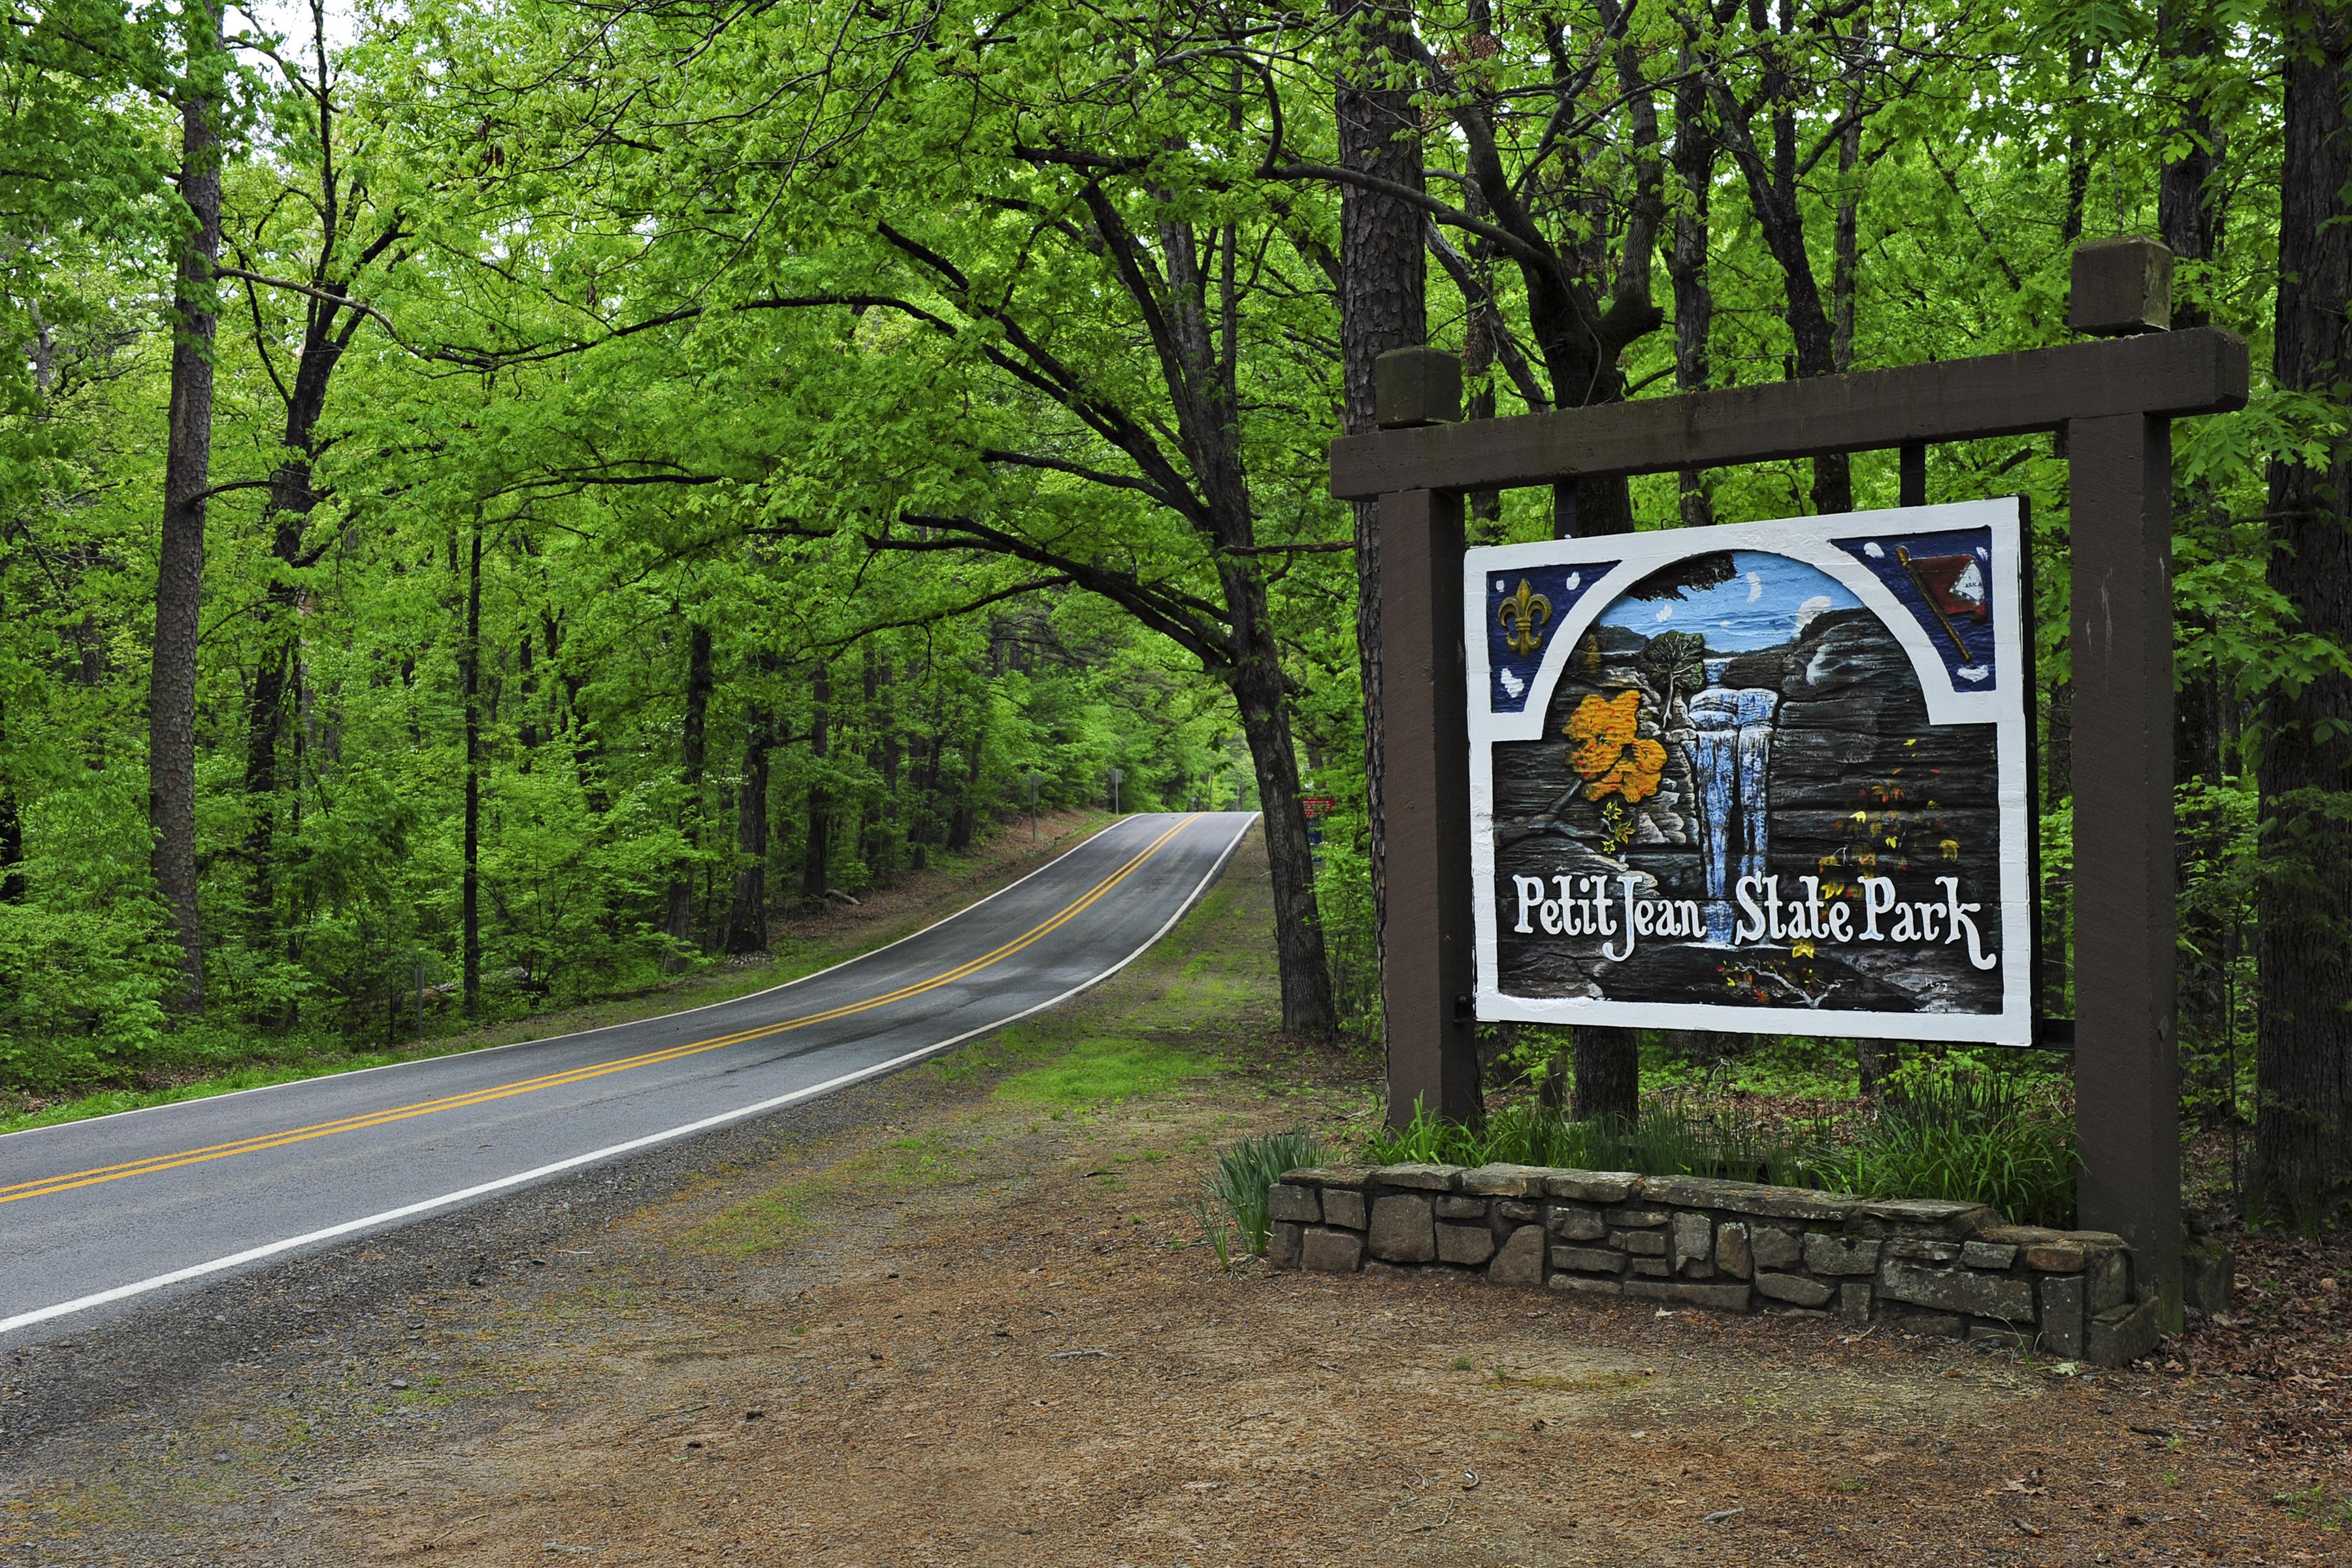 petit_jean_state_park_sign_morrilton_8727